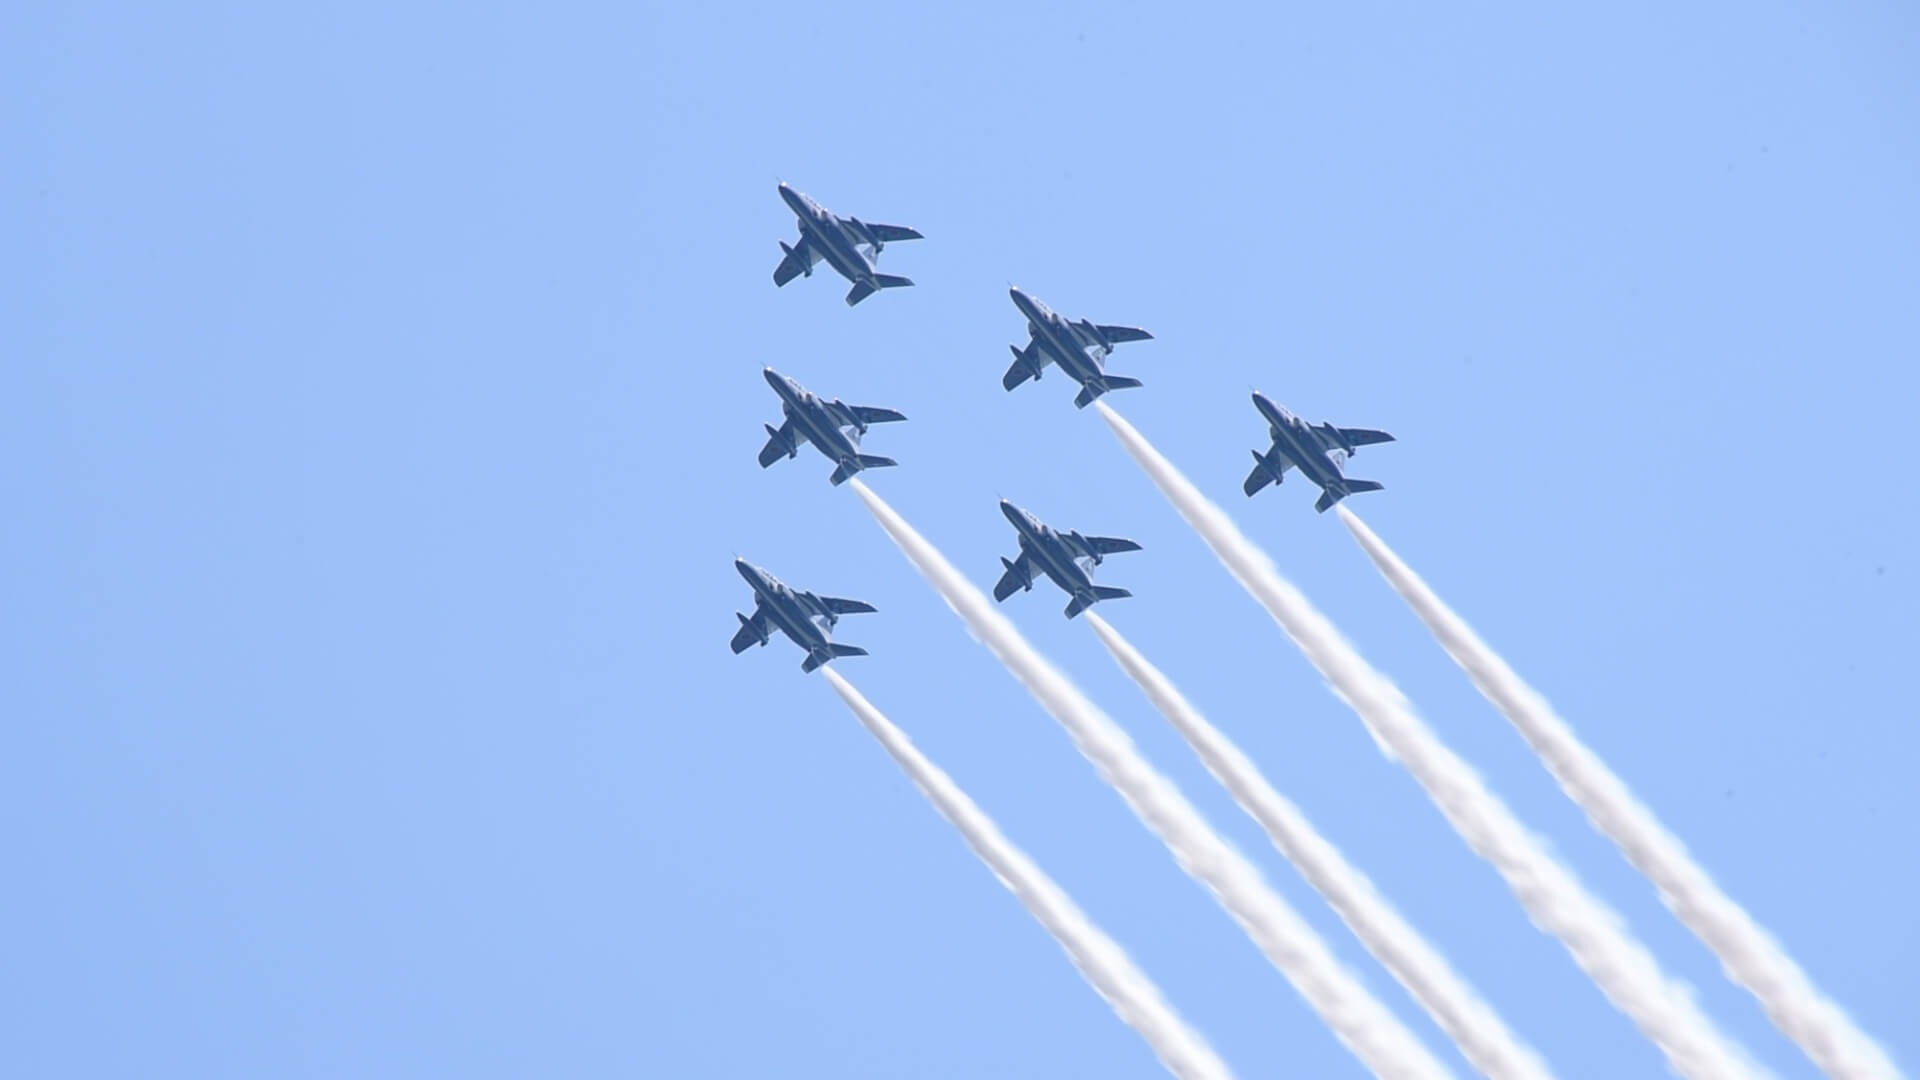 倉敷市上空を飛行する航空自衛隊の飛行機の写真